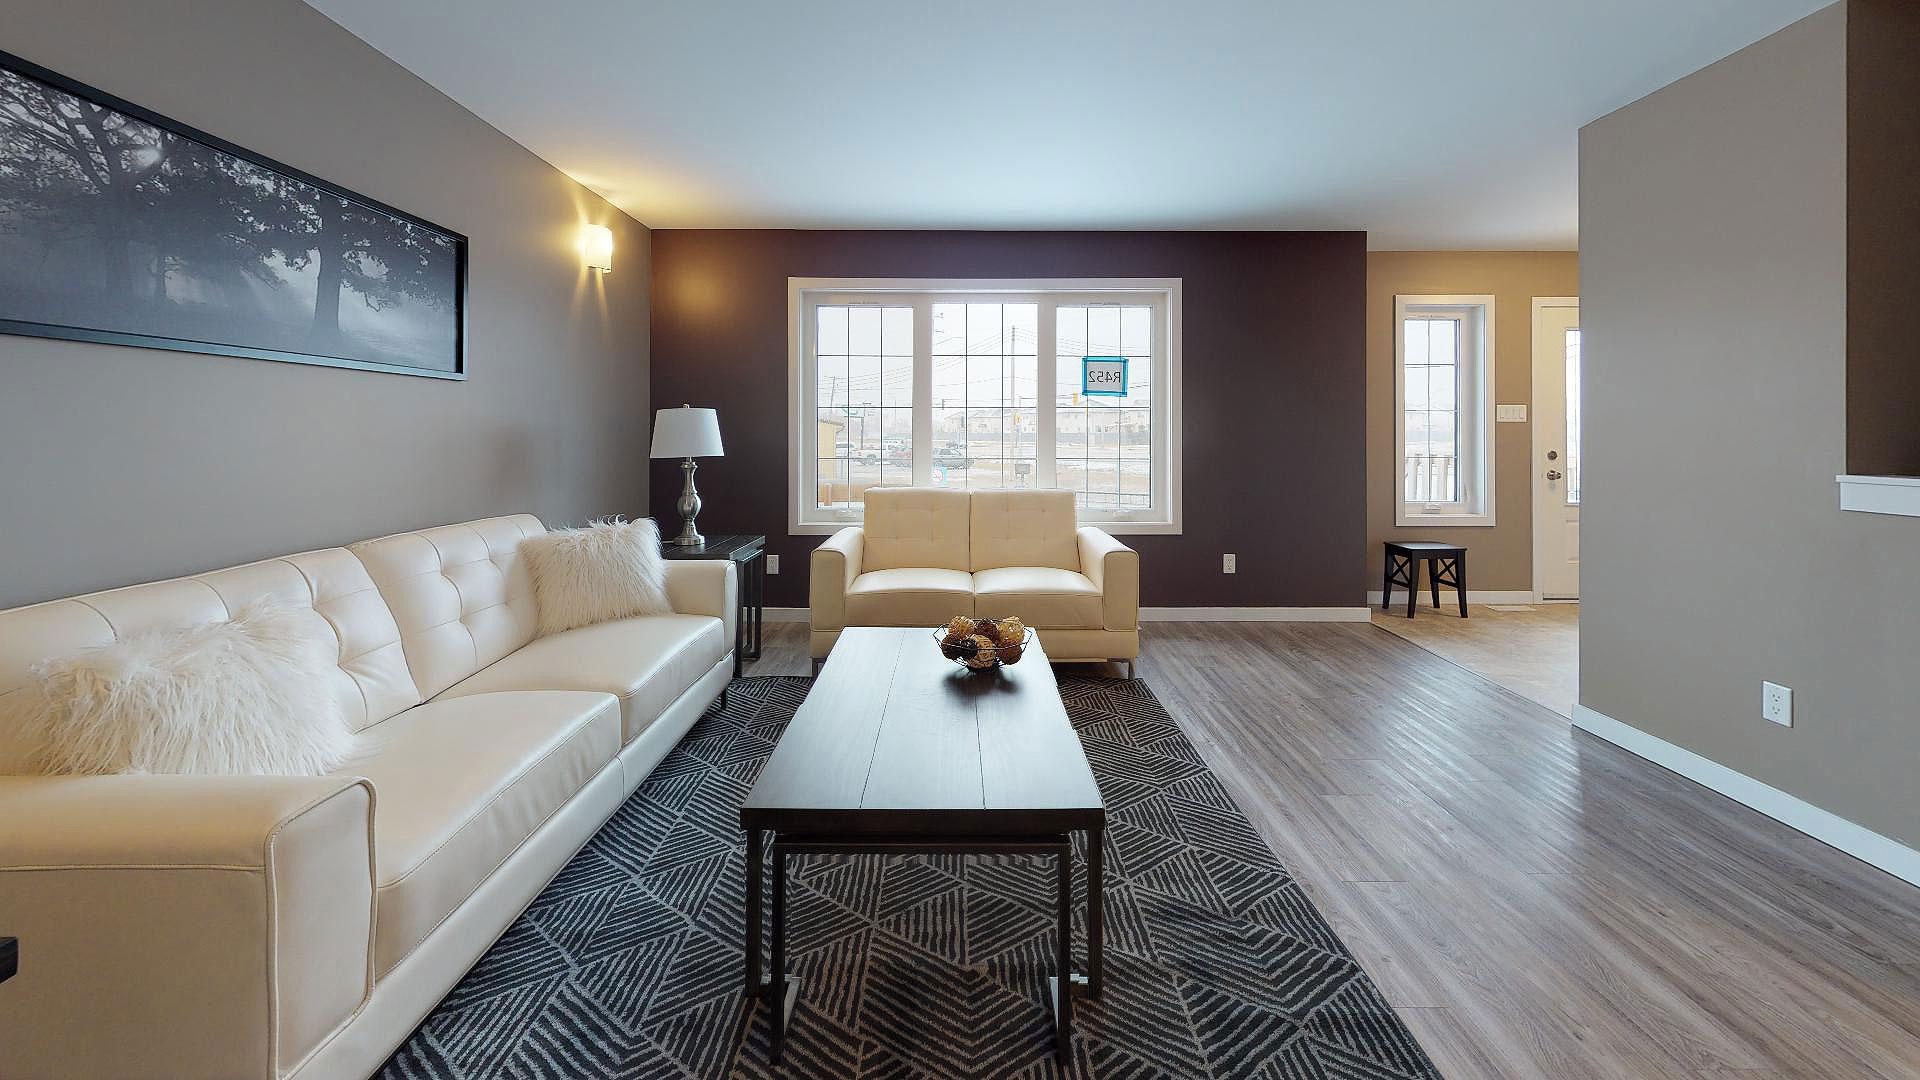 Berkley-Living-Room